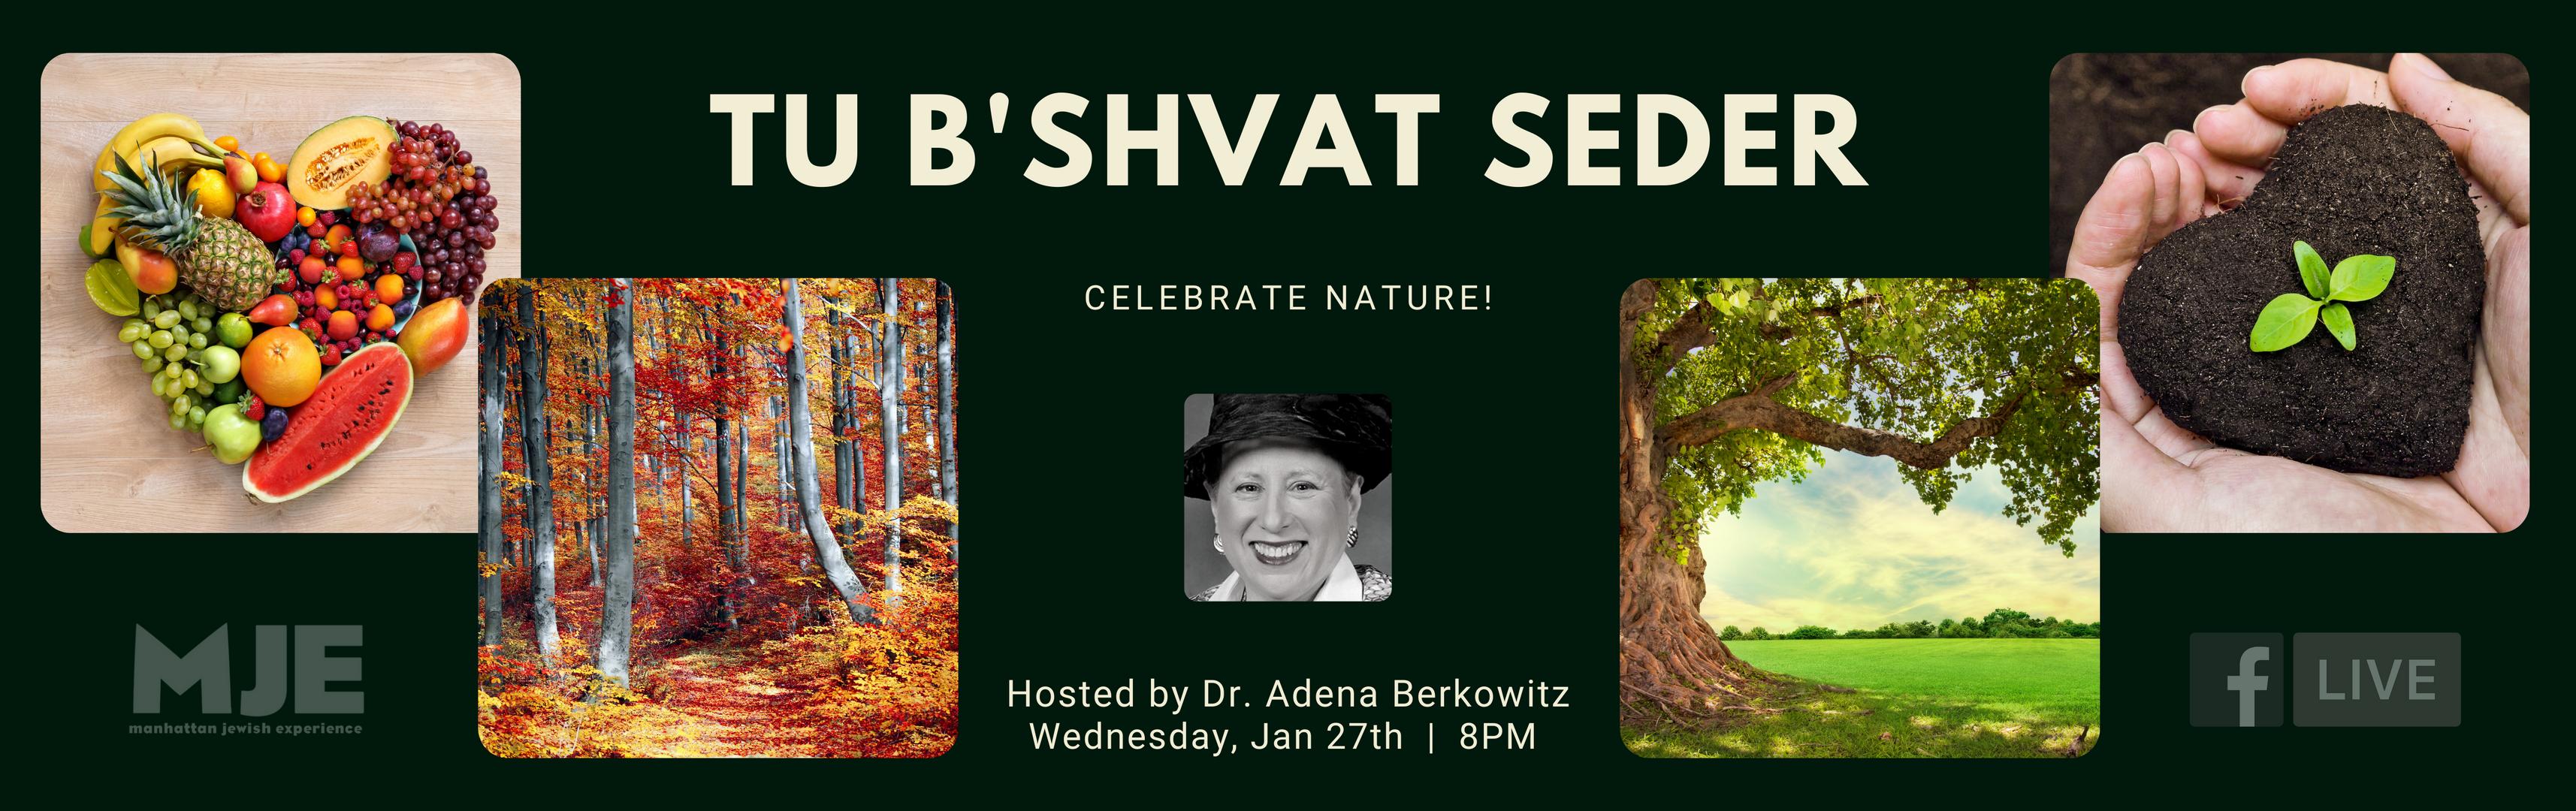 Tu B'shvat Seder with Dr. Adena Web Slid